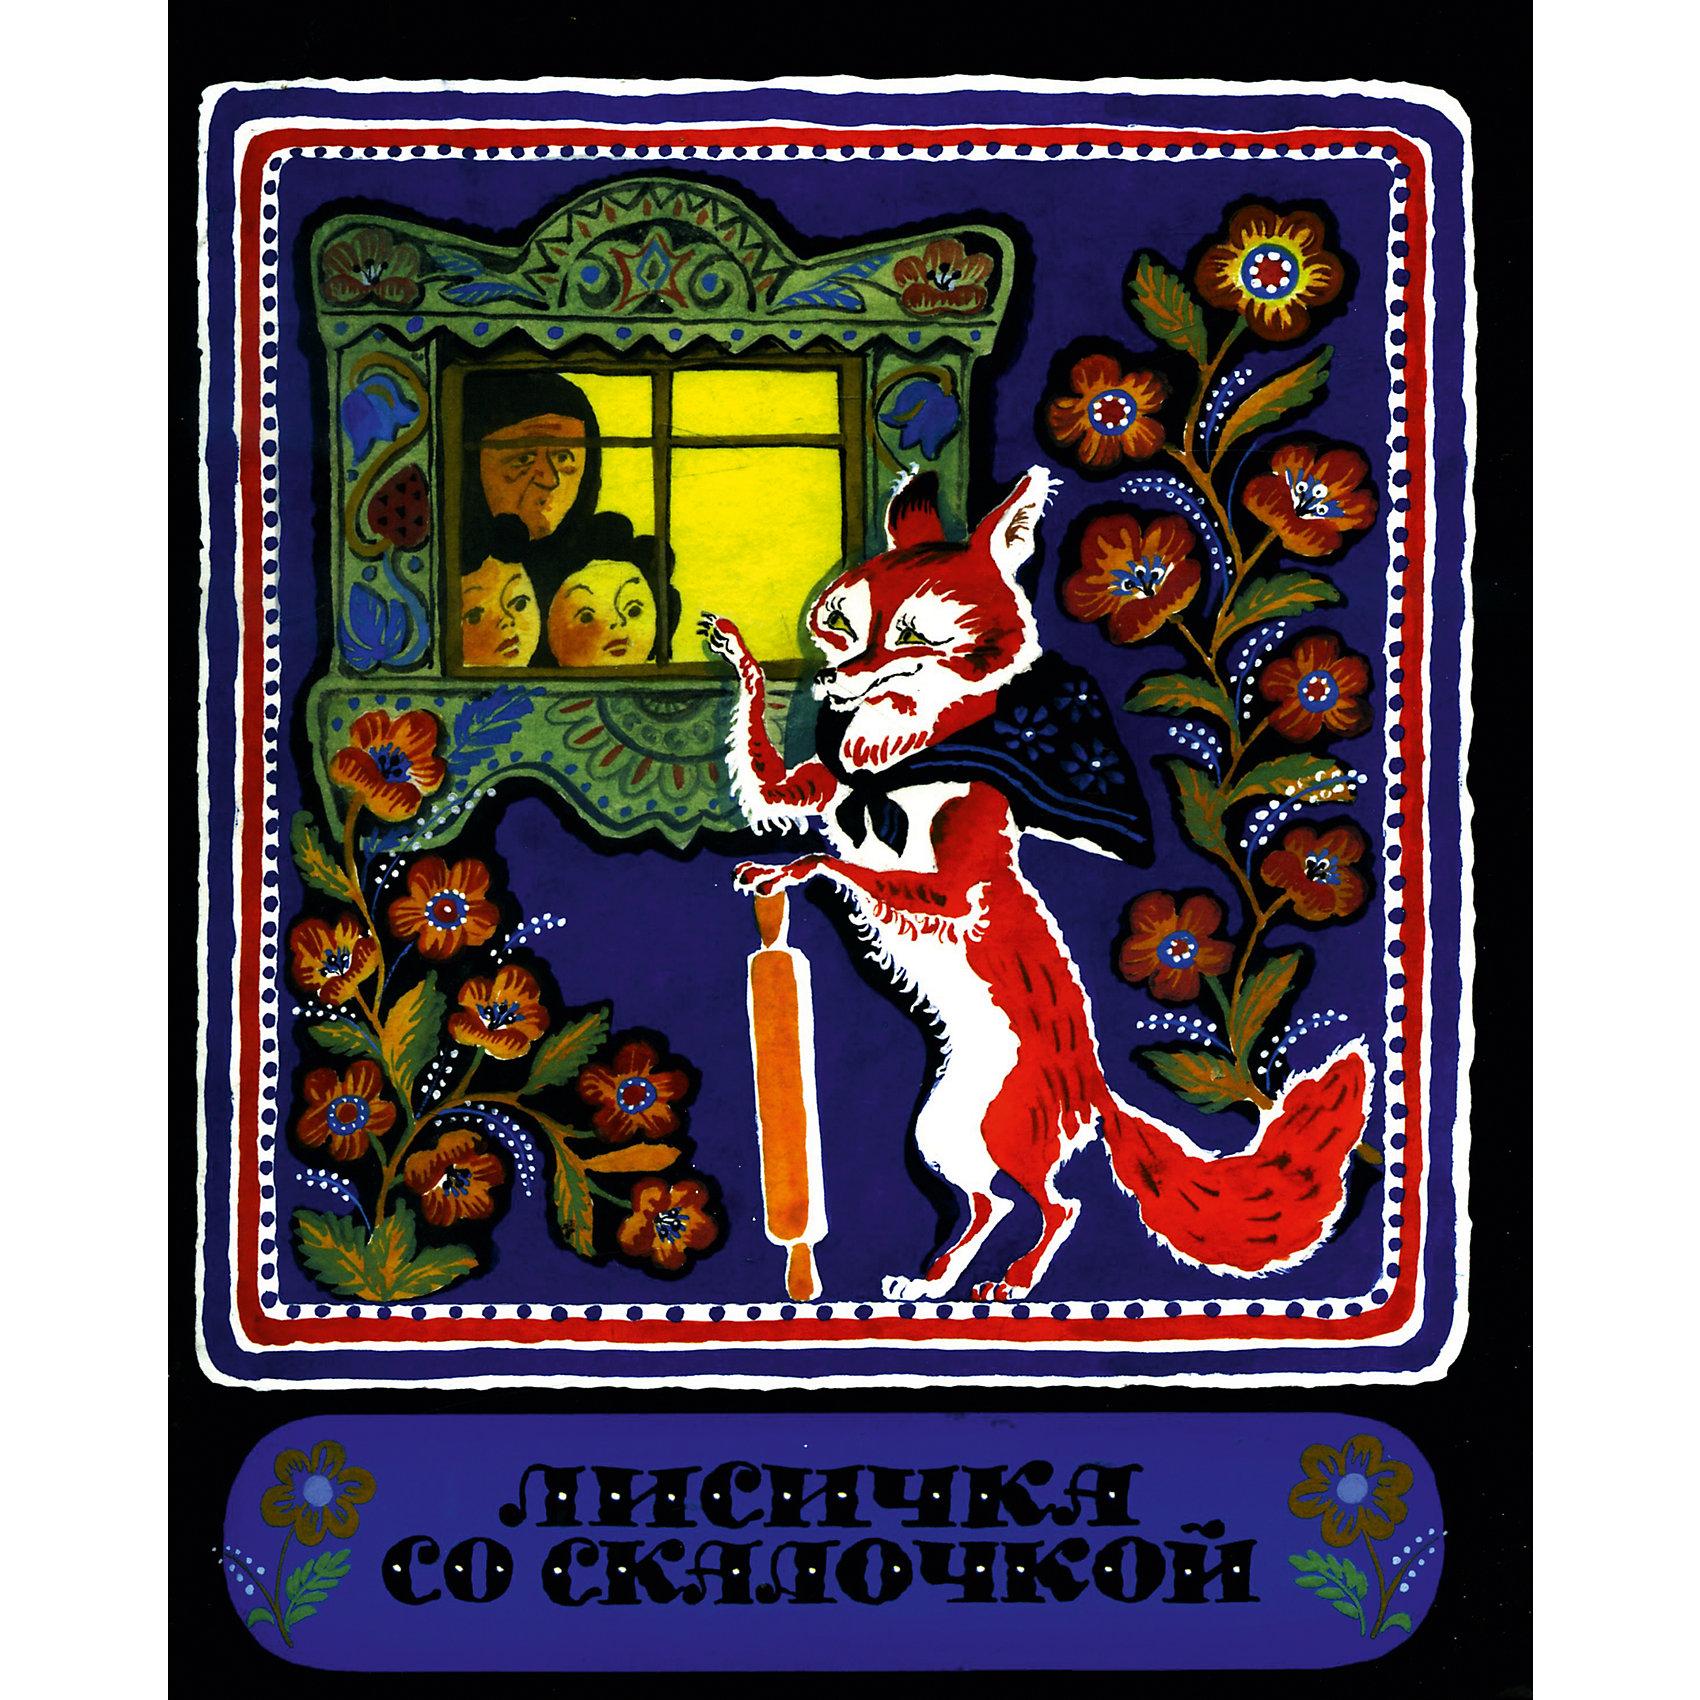 Русская народная сказка Лисичка со скалочкойНашла лисичка скалочку и решила схитрить: стала проситься в избы ночевать да пропитание себе обманом добывать. Но только не думала плутовка, что сама попадёт впросак…<br>Богатство народной мудрости, воплощённое в этой сказке, откроется малышам в классическом пересказе Михаила Булатова и ярких, запоминающихся иллюстрациях мастера книжной графики Анатолия Елисеева. <br><br>Дополнительная информация:<br><br>- Художник: Елисеев Анатолий Михайлович.<br>- Формат: 26х20 см.<br>- Переплет: мягкий.     <br>- Количество страниц: 16. <br>- Иллюстрации: цветные. <br><br>Русскую народную сказку Лисичка со скалочкой можно купить в нашем магазине.<br><br>Ширина мм: 199<br>Глубина мм: 3<br>Высота мм: 260<br>Вес г: 140<br>Возраст от месяцев: 12<br>Возраст до месяцев: 48<br>Пол: Унисекс<br>Возраст: Детский<br>SKU: 4522353